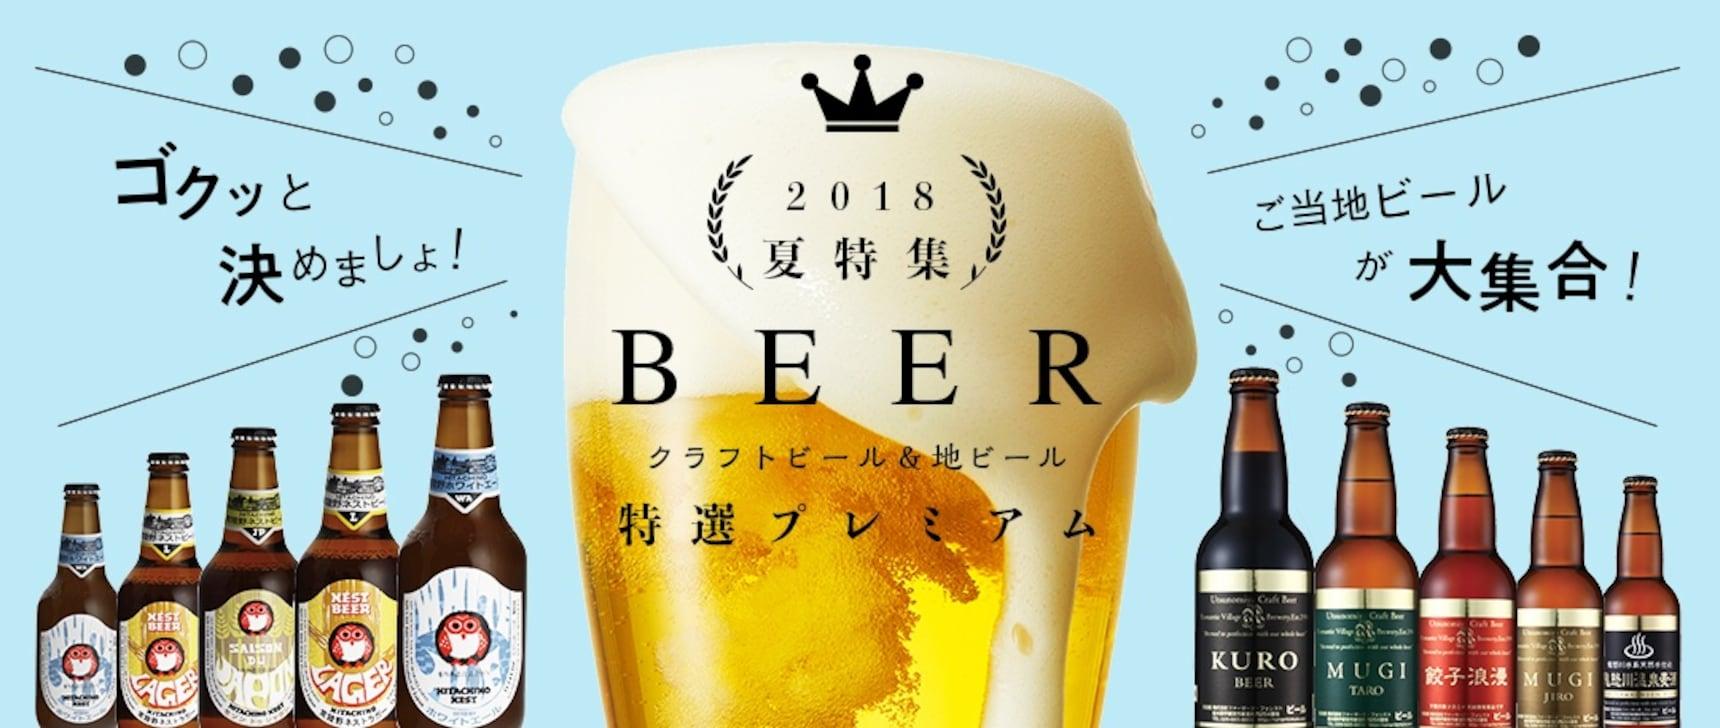 '맥주 소비량 세계 1위' 일본의 맥주 세계